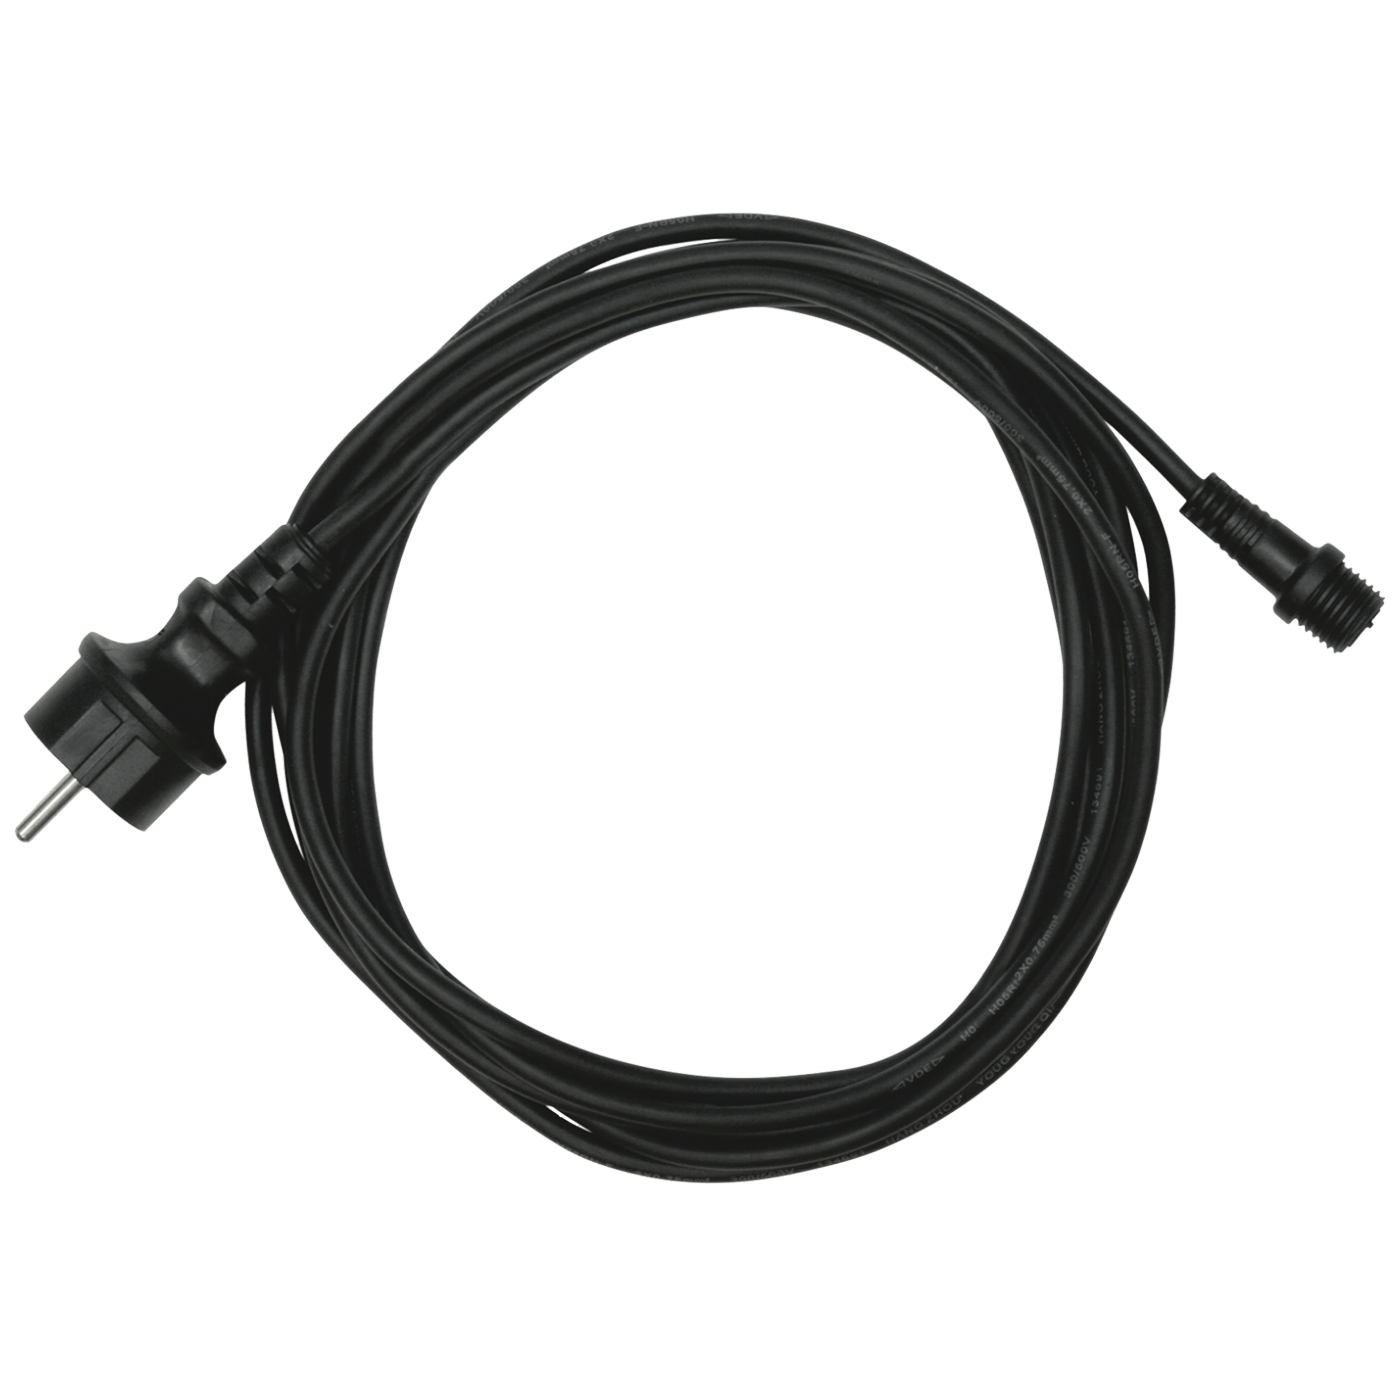 Kabl za napojni adapter, za KT i KS grupu, 5 met